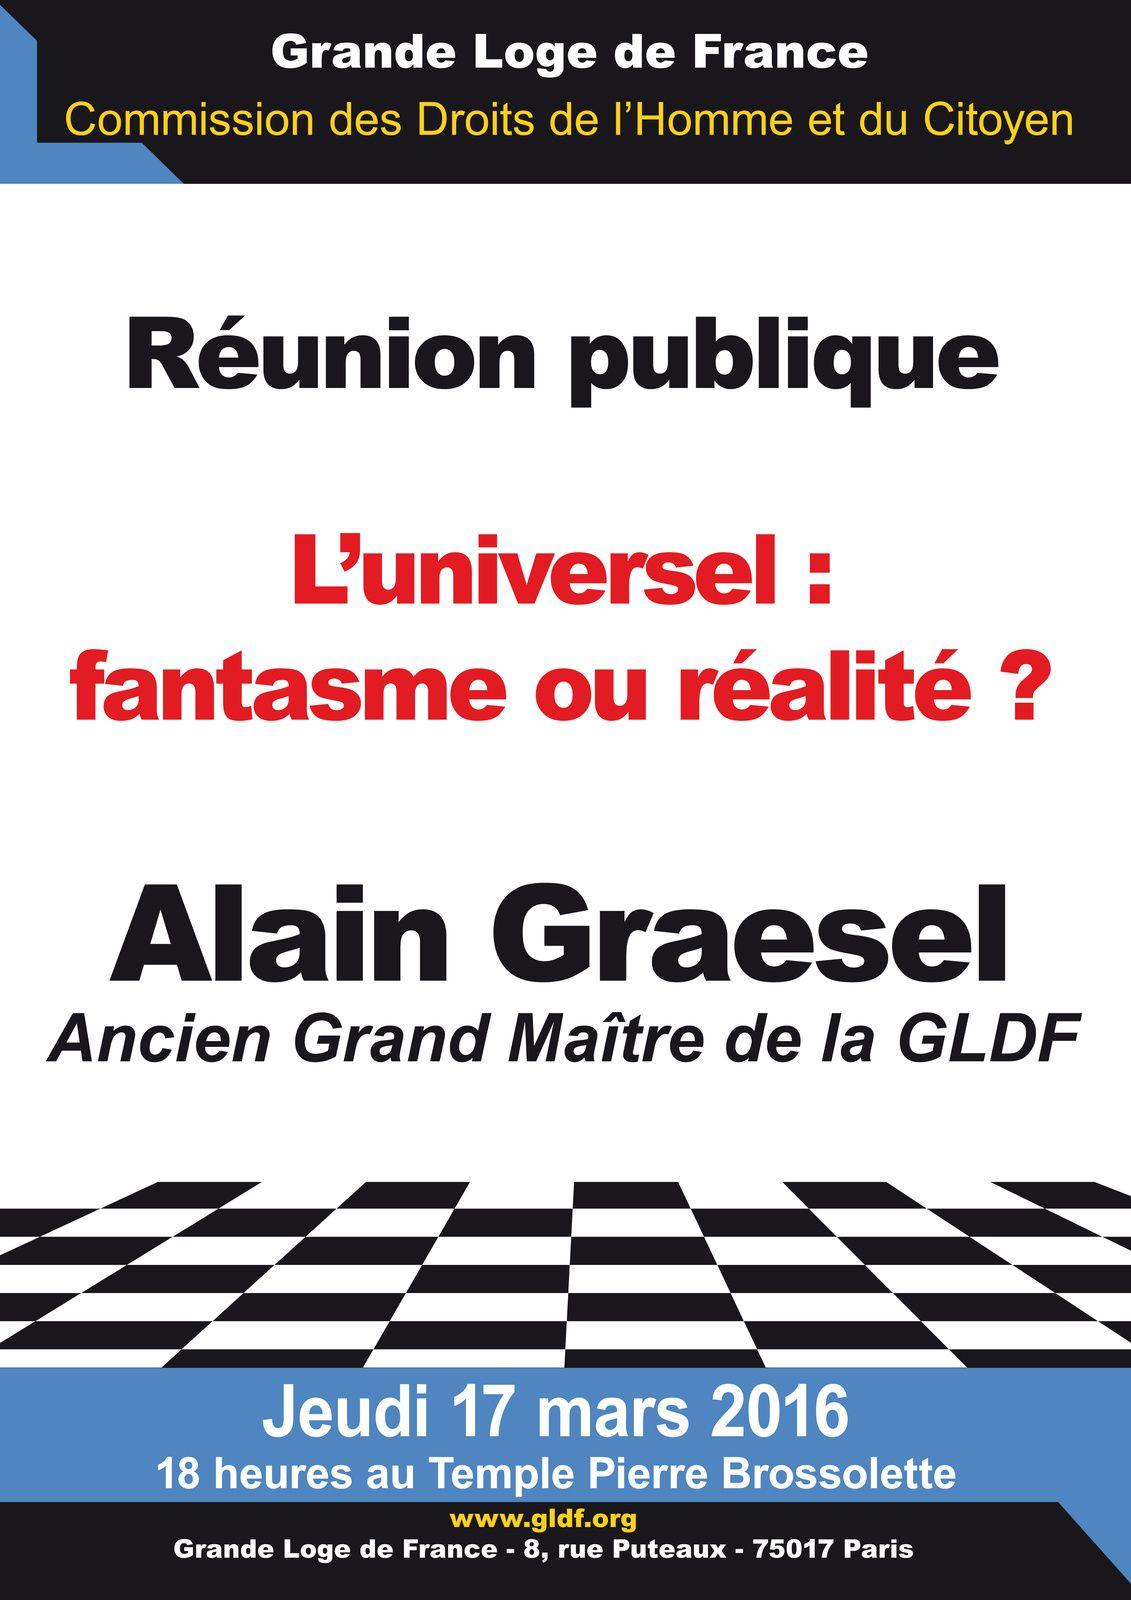 L'Universel : fantasme ou réalité. Conférence publique d'Alain Graesel lors de la CDHC de la GLDF le 17 mars 2016.